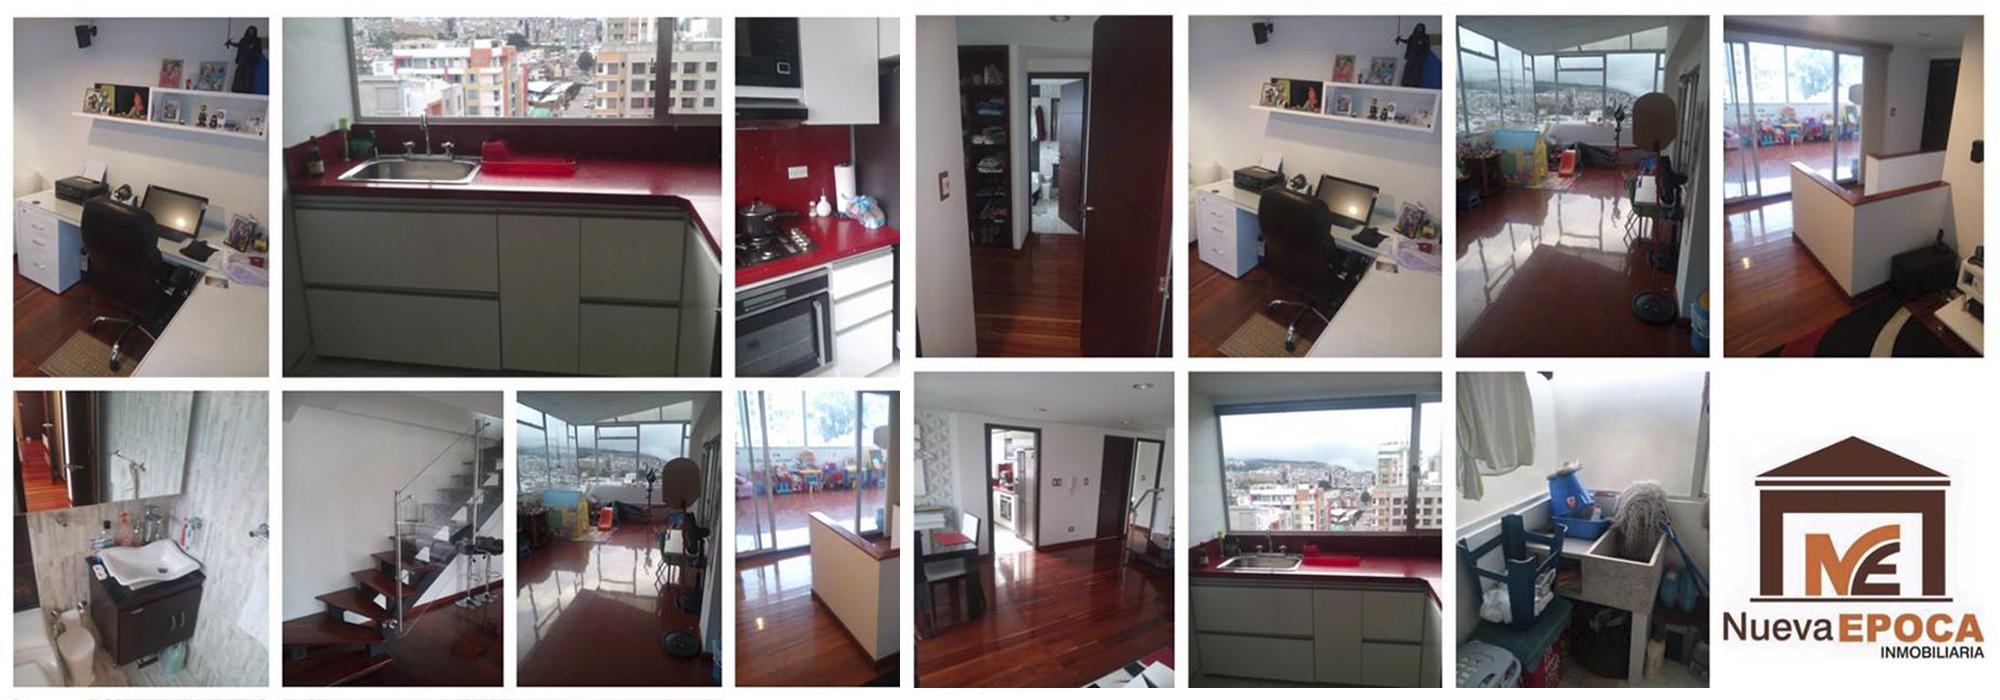 Apartamento Duplex en Venta/Sector Paraná.